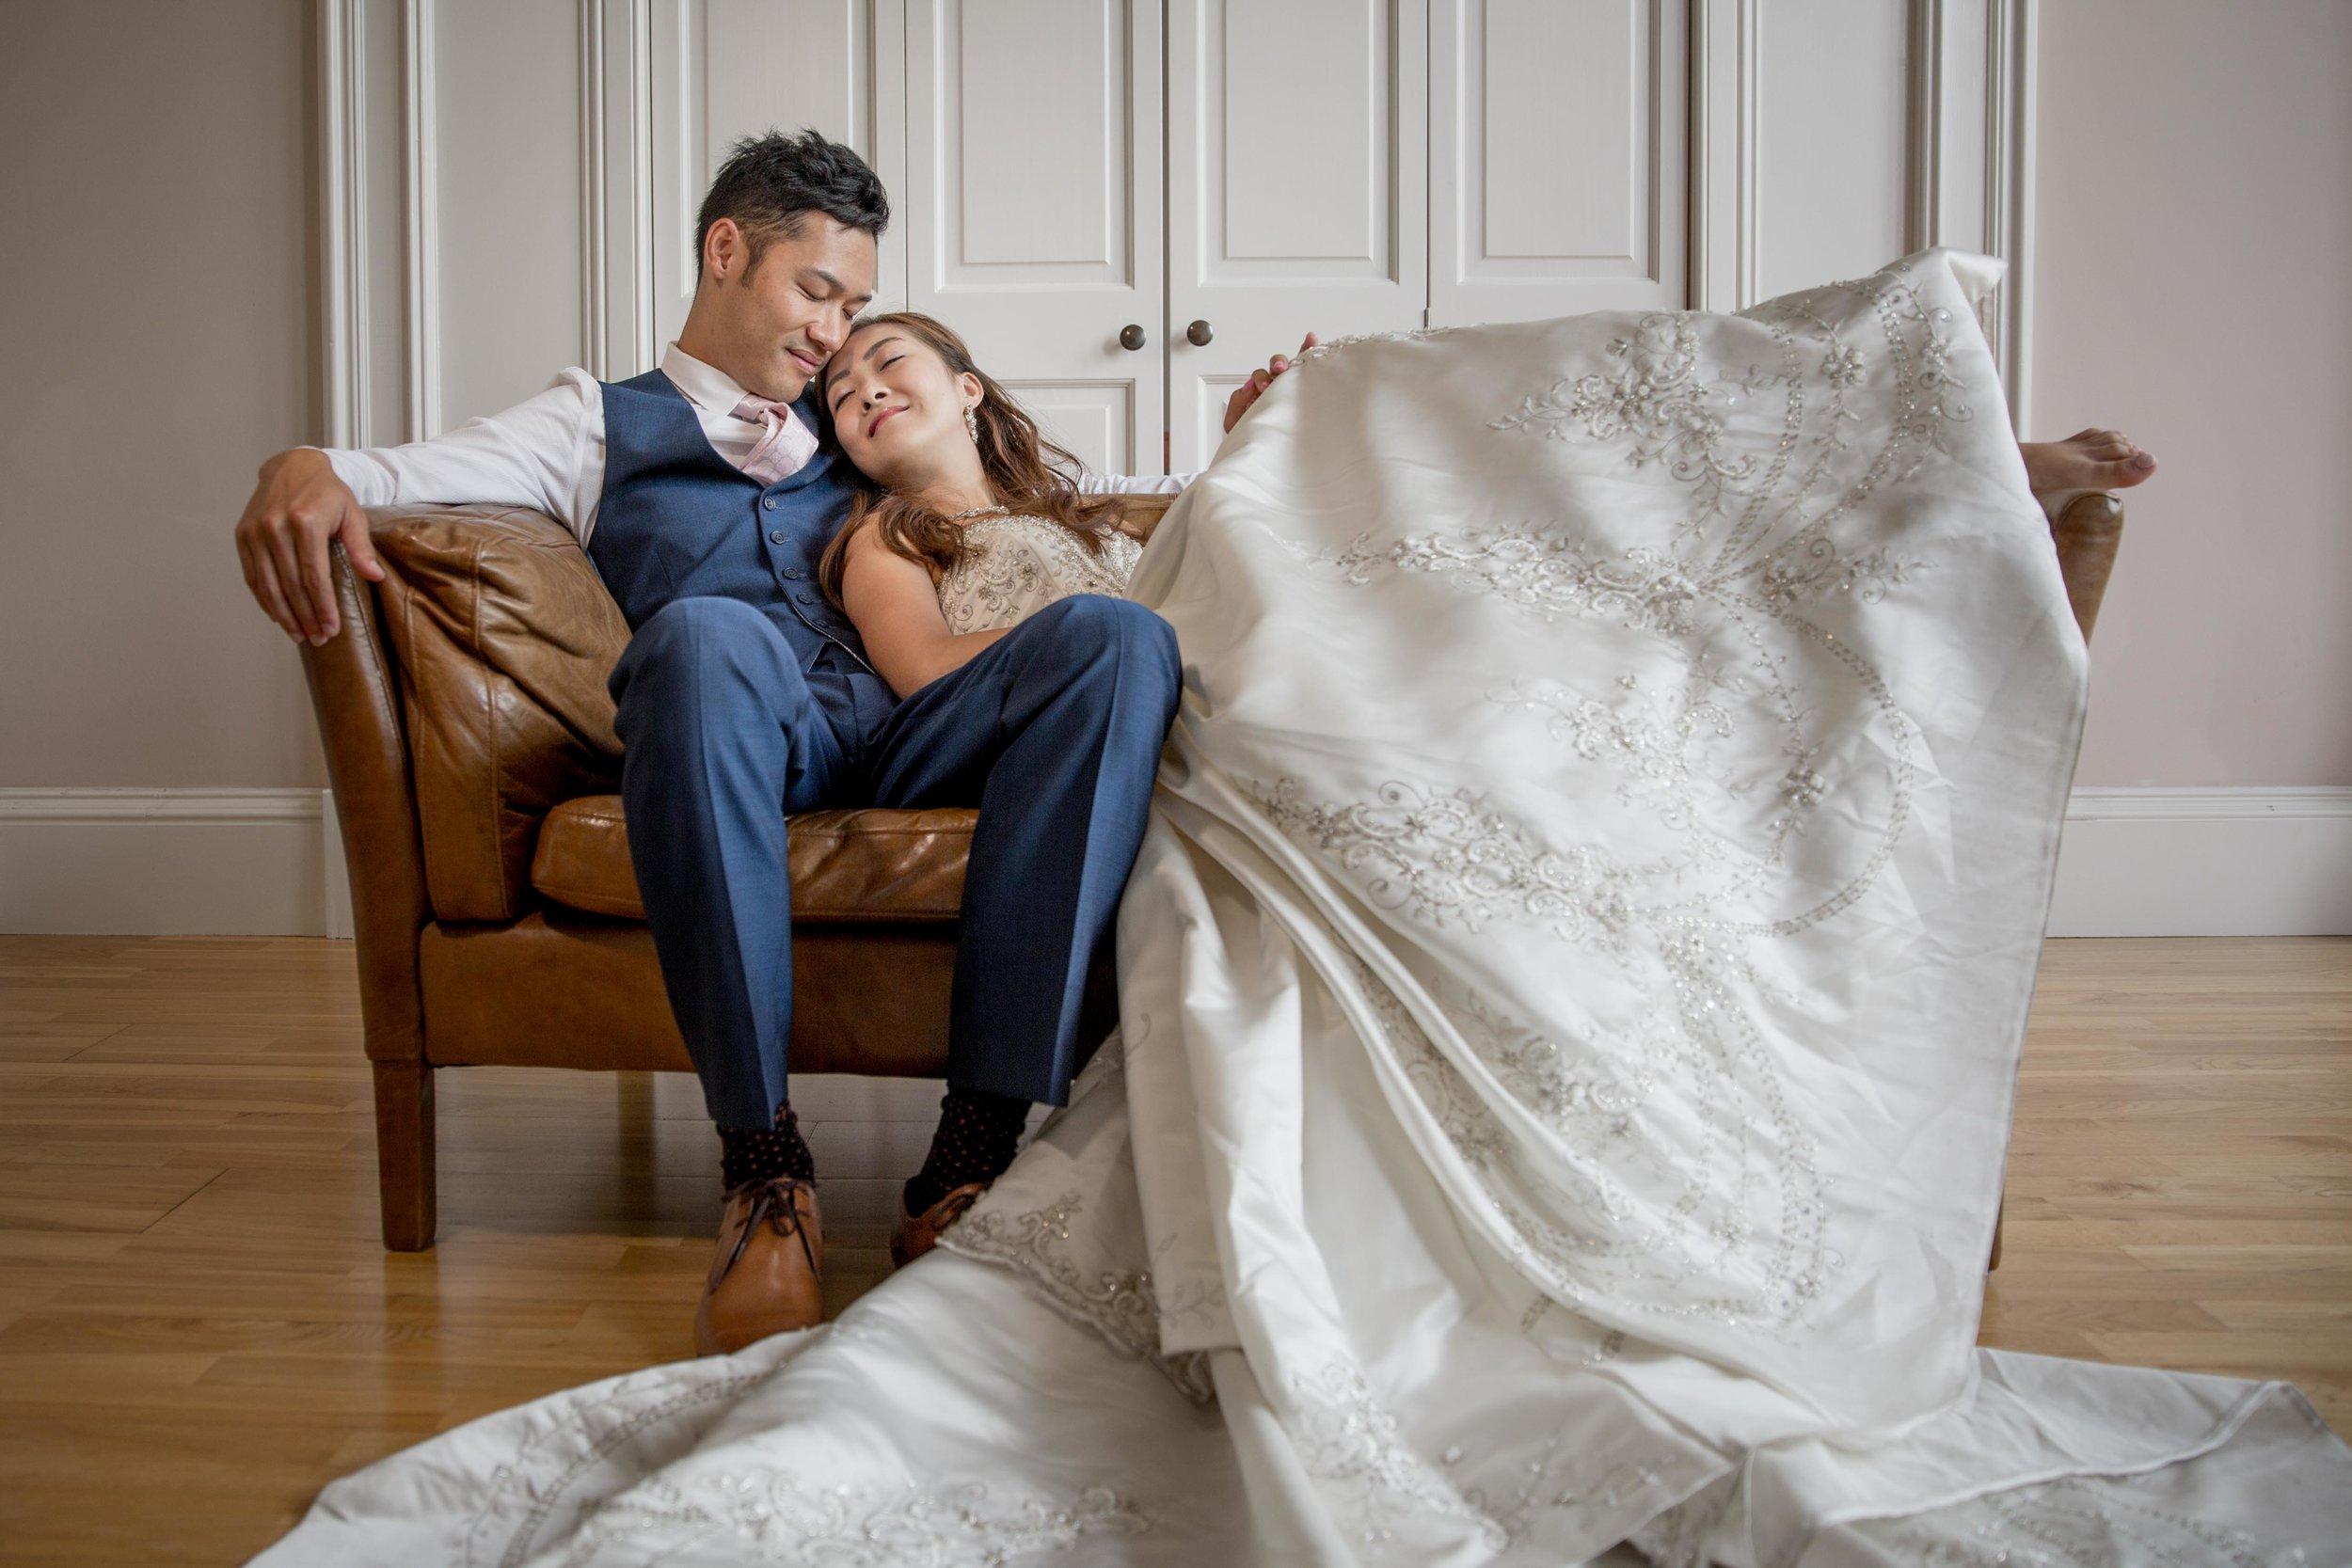 婚紗攝影倫敦英國-婚纱摄影伦敦英国-Chinese- pre-wedding-engagement-shoot-photoshoot-London-edinburgh-destination-wedding-photographer-hong-kong-natalia-smith-photography-21.jpg